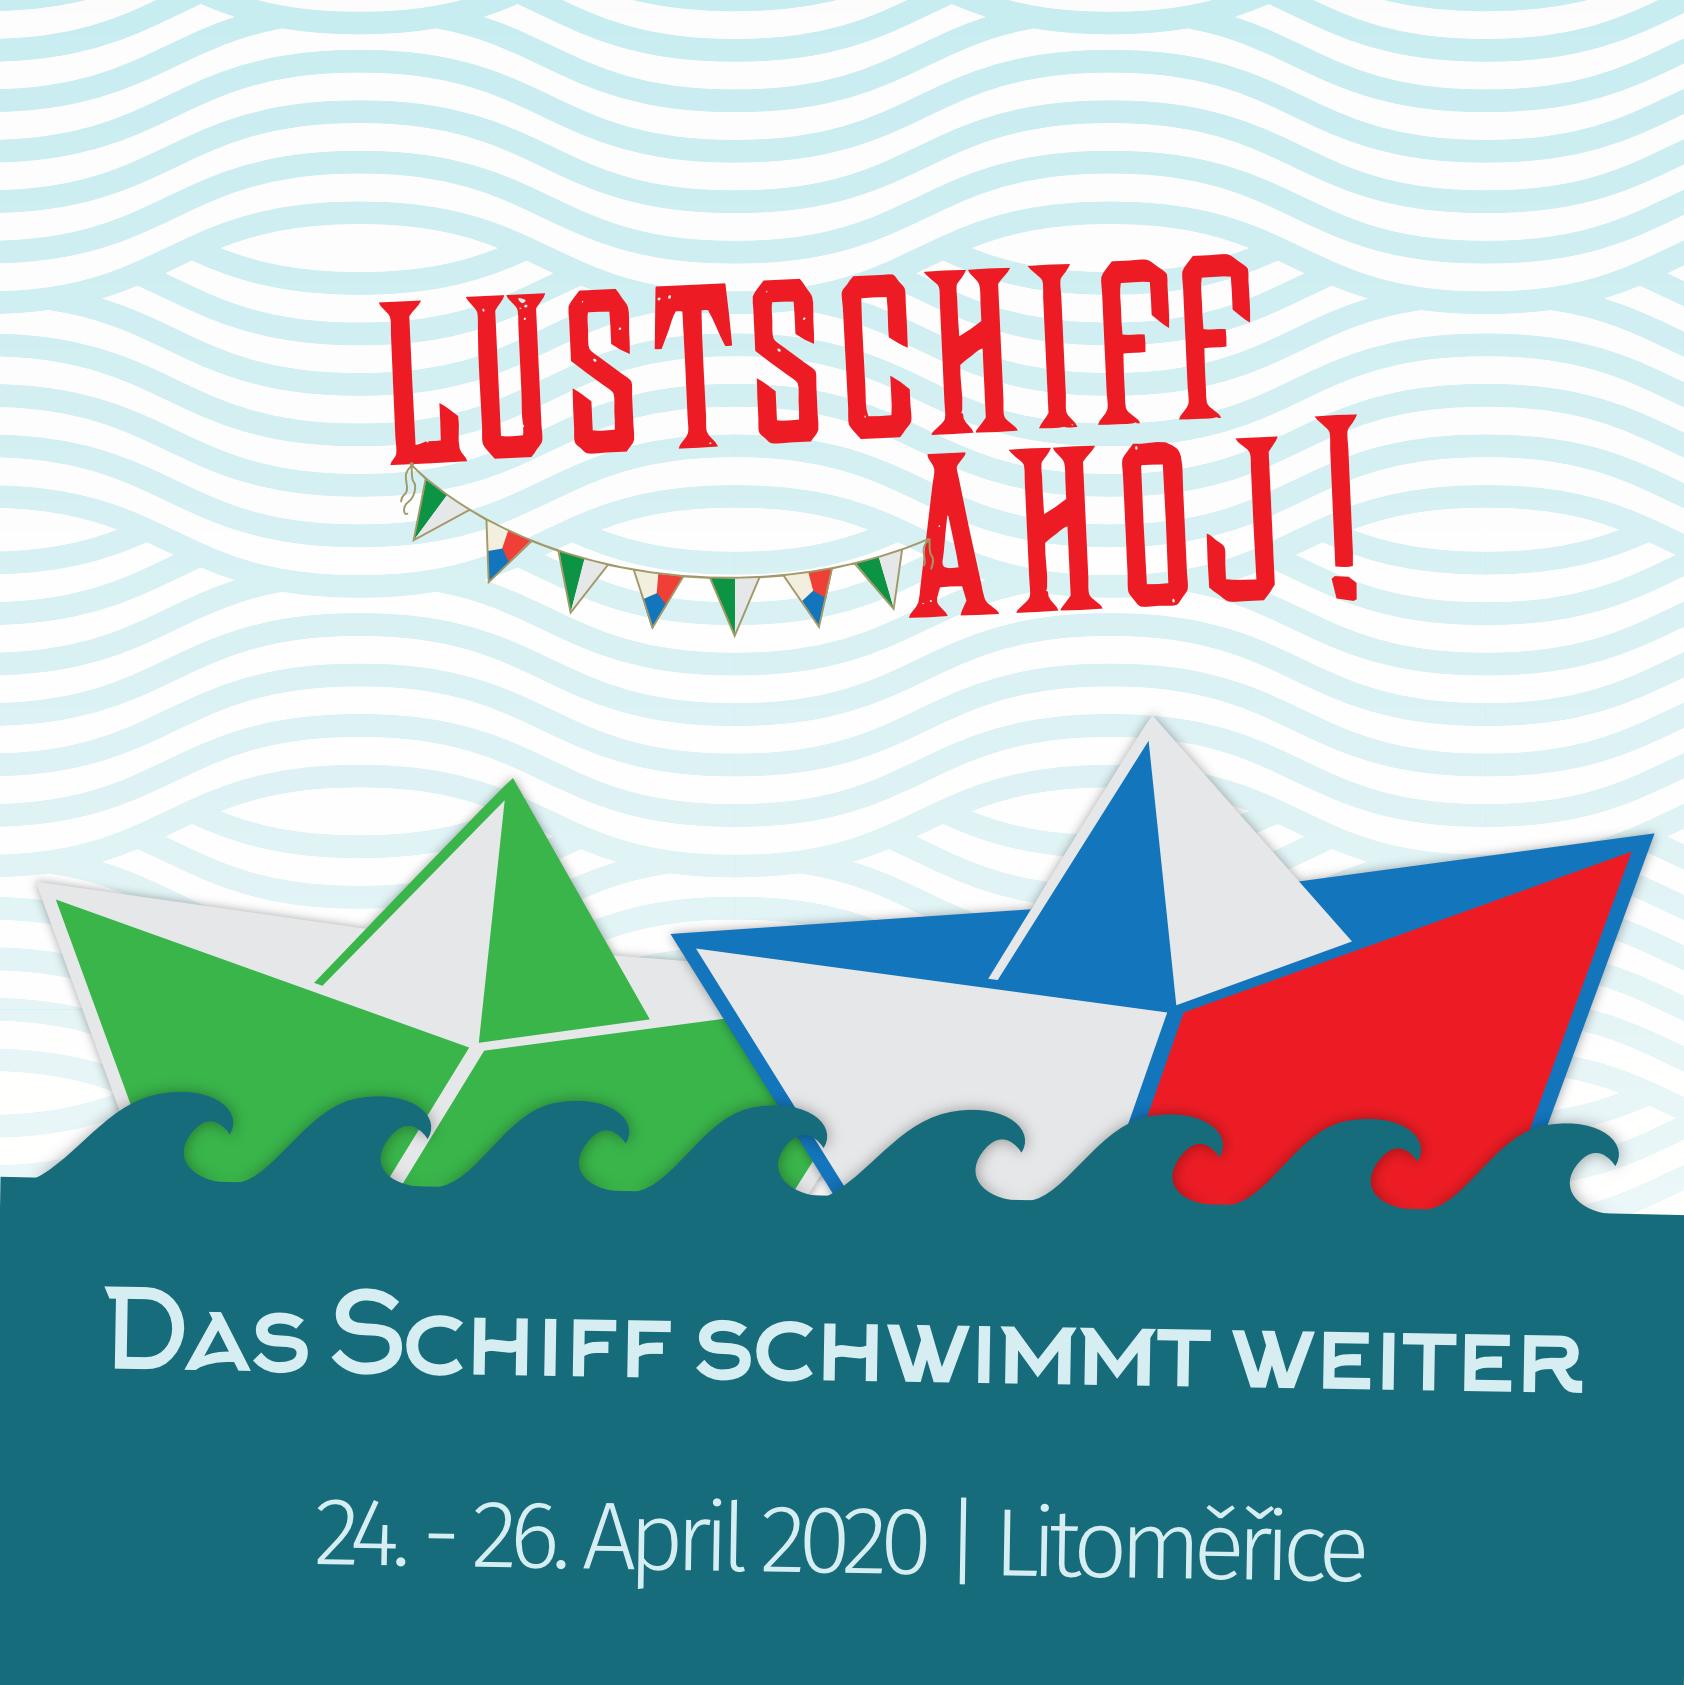 ABGESAGT: Lustschiff Ahoj - Das Schiff schwimmt weiter